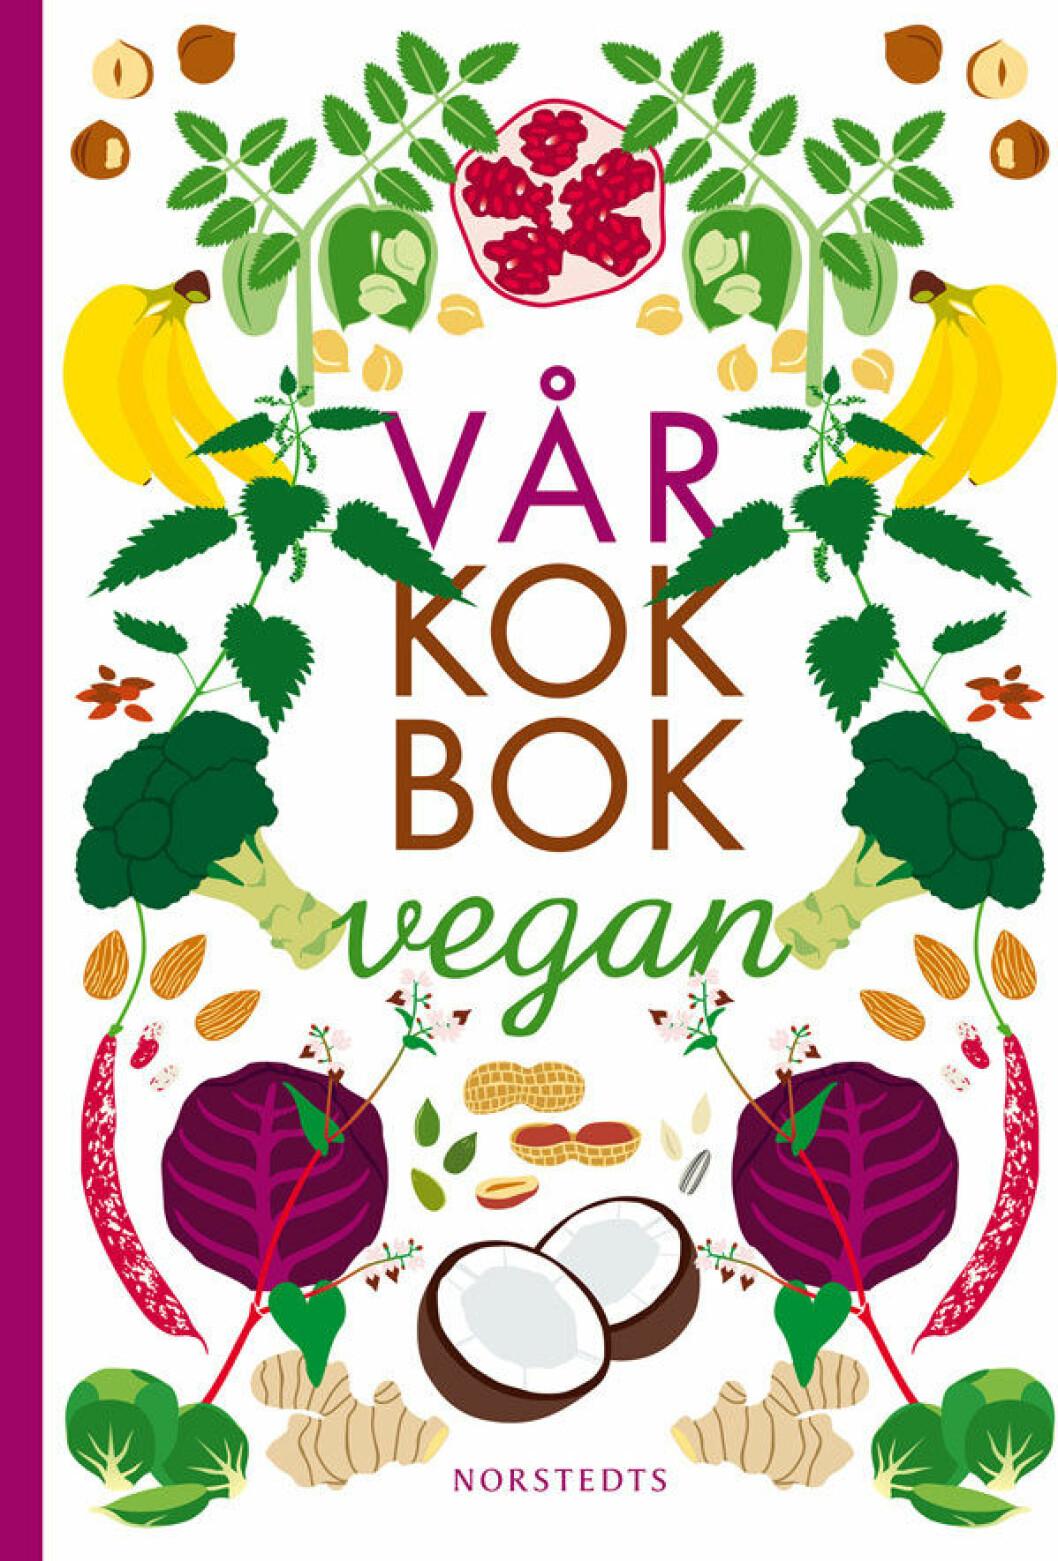 Våg kokbok vegan av Sara Begner